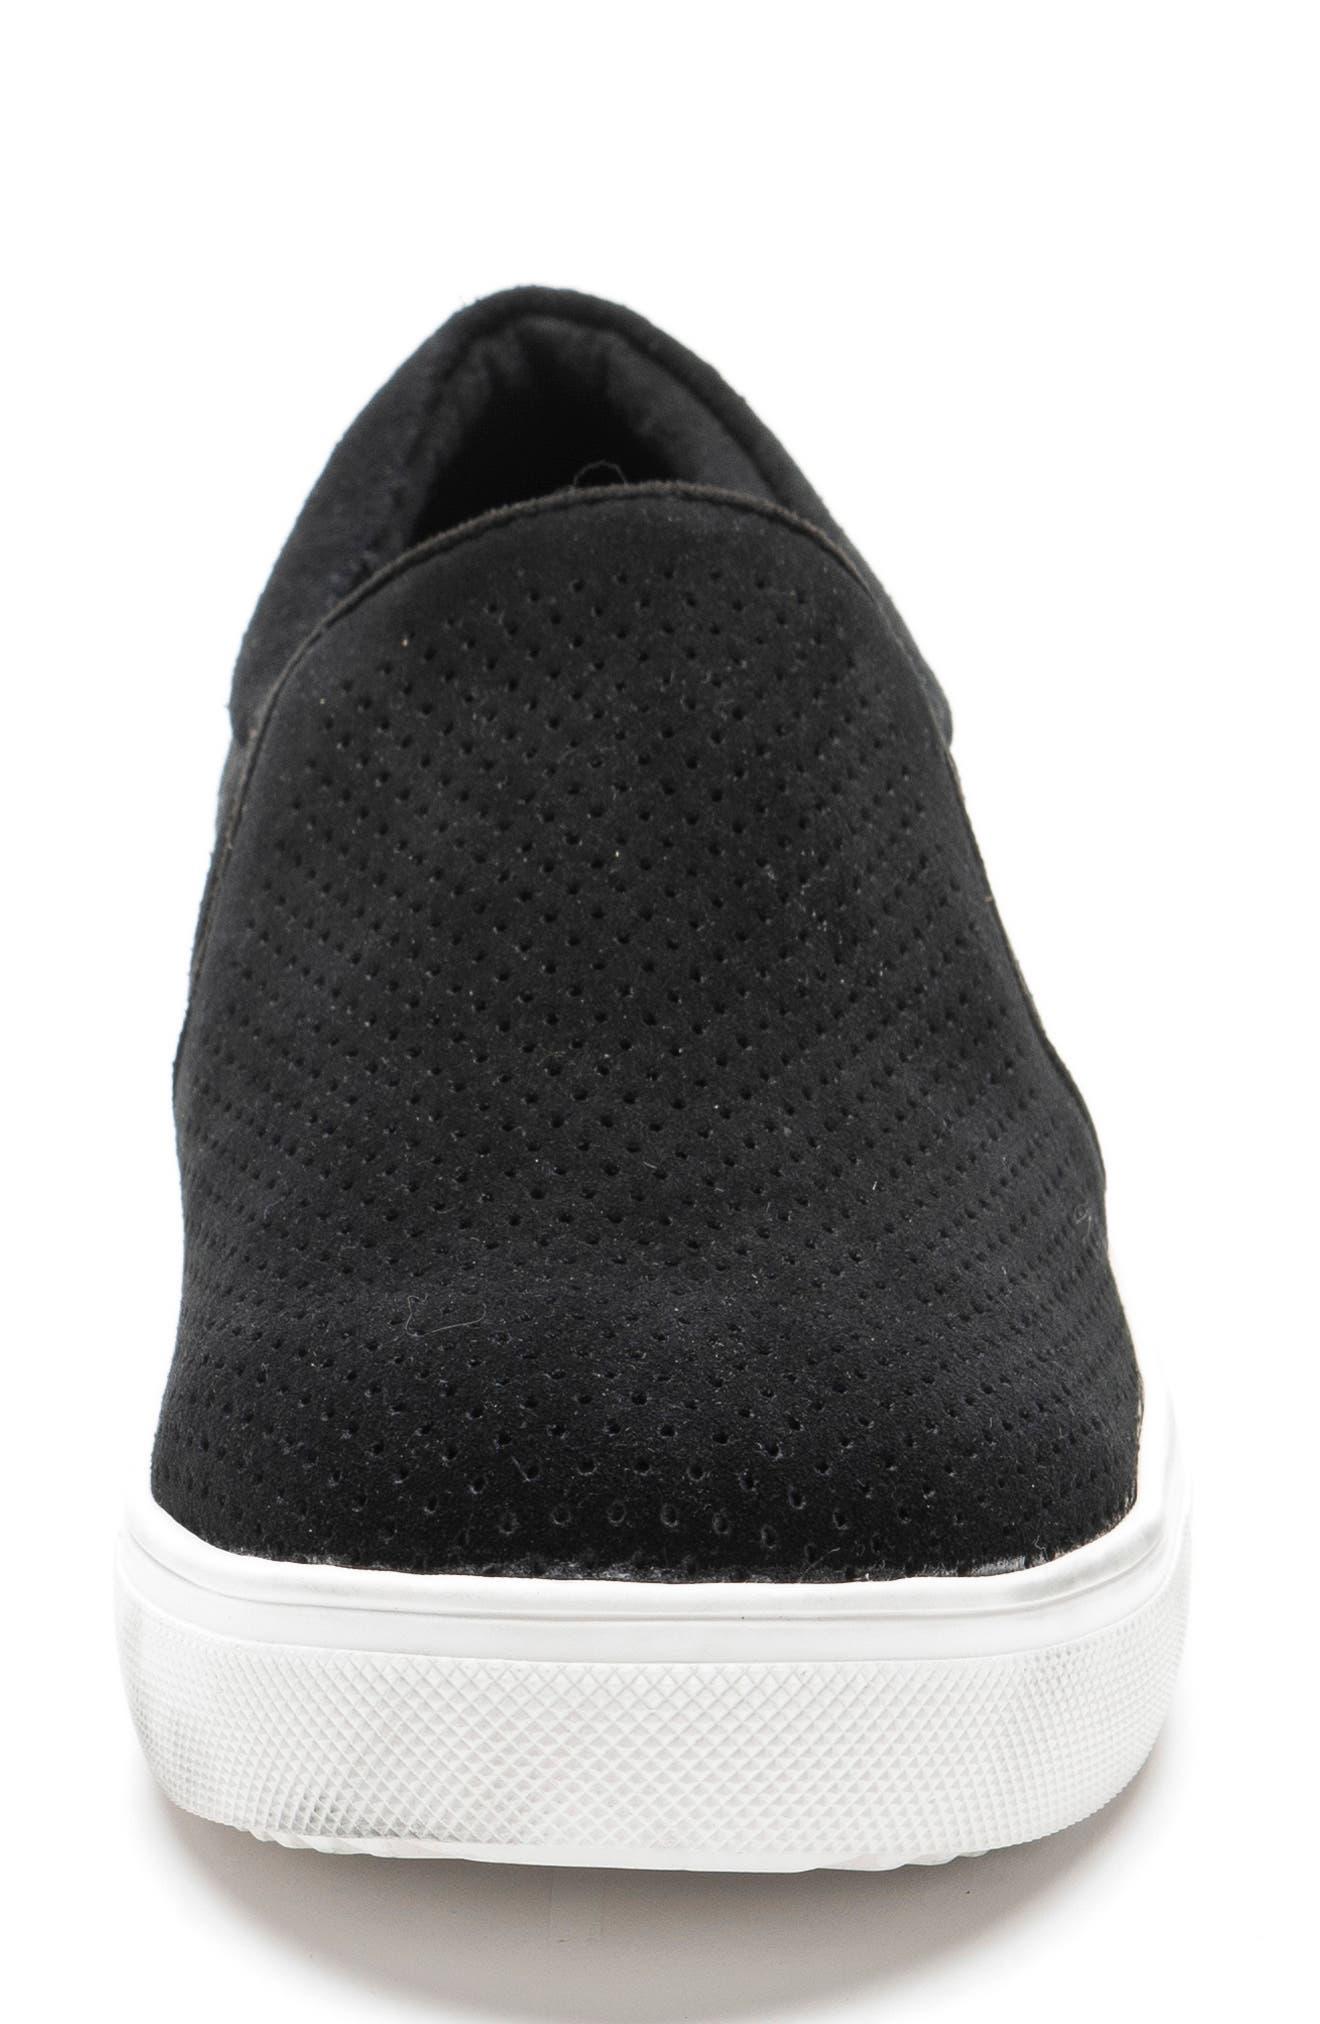 BLONDO, Gallert Perforated Waterproof Platform Sneaker, Alternate thumbnail 4, color, BLACK SUEDE